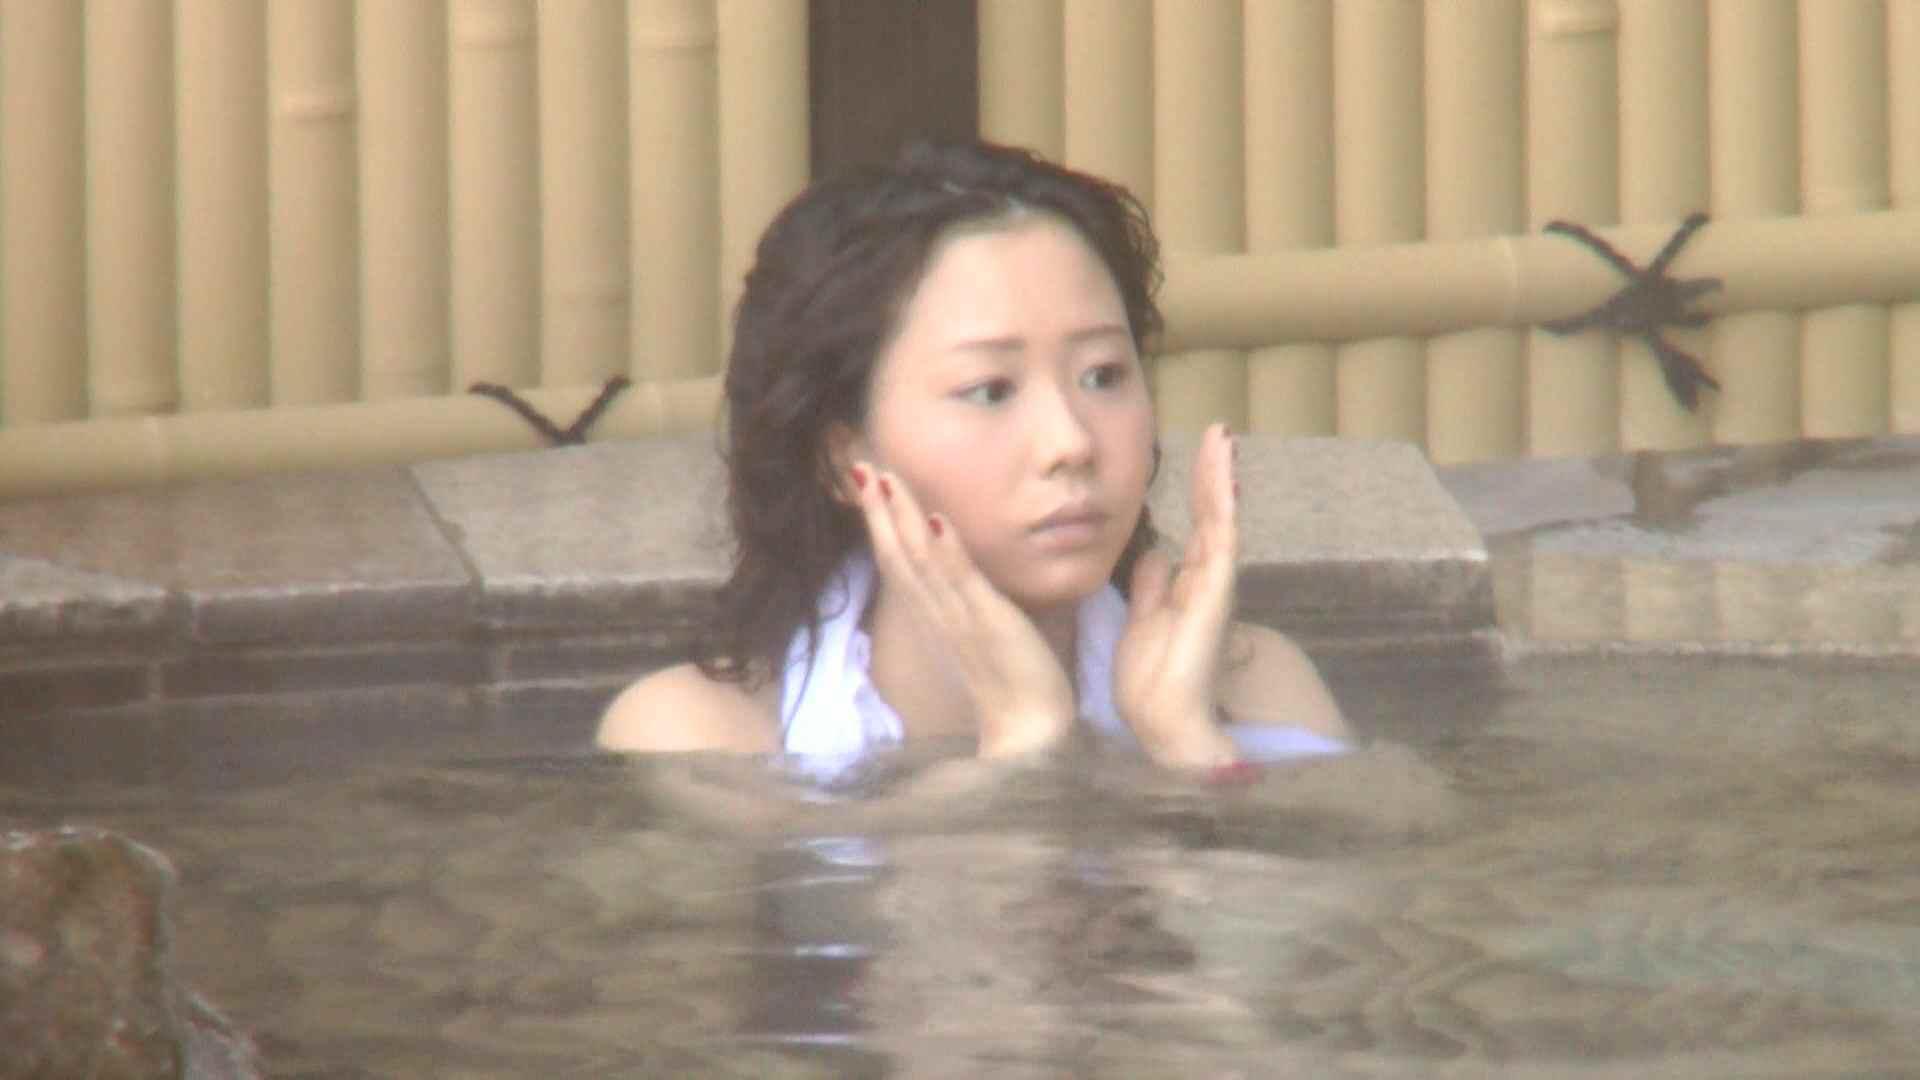 Aquaな露天風呂Vol.211 盗撮シリーズ  76PIX 6